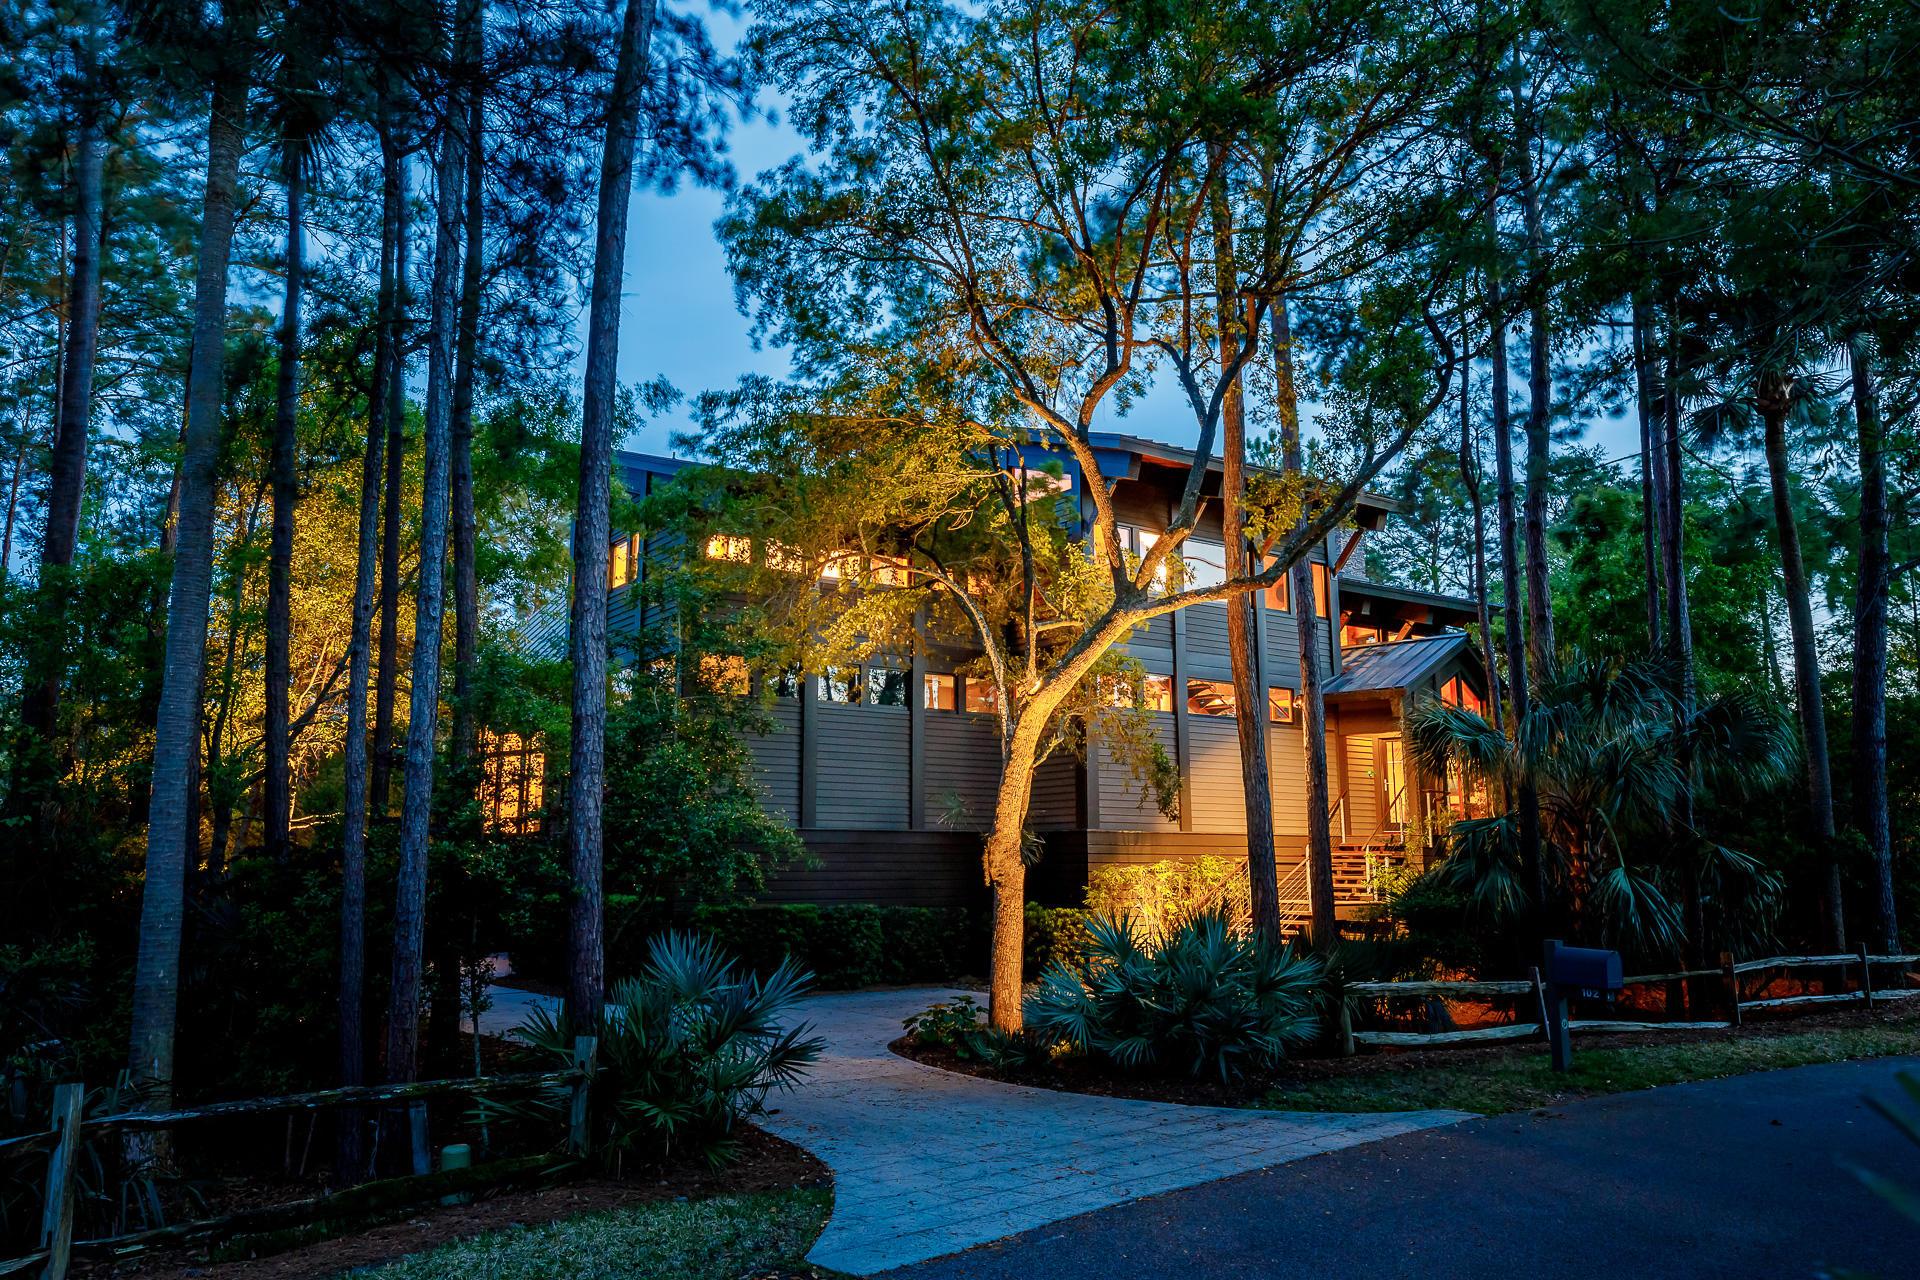 Kiawah Island Homes For Sale - 102 Blue Heron Pond, Kiawah Island, SC - 8